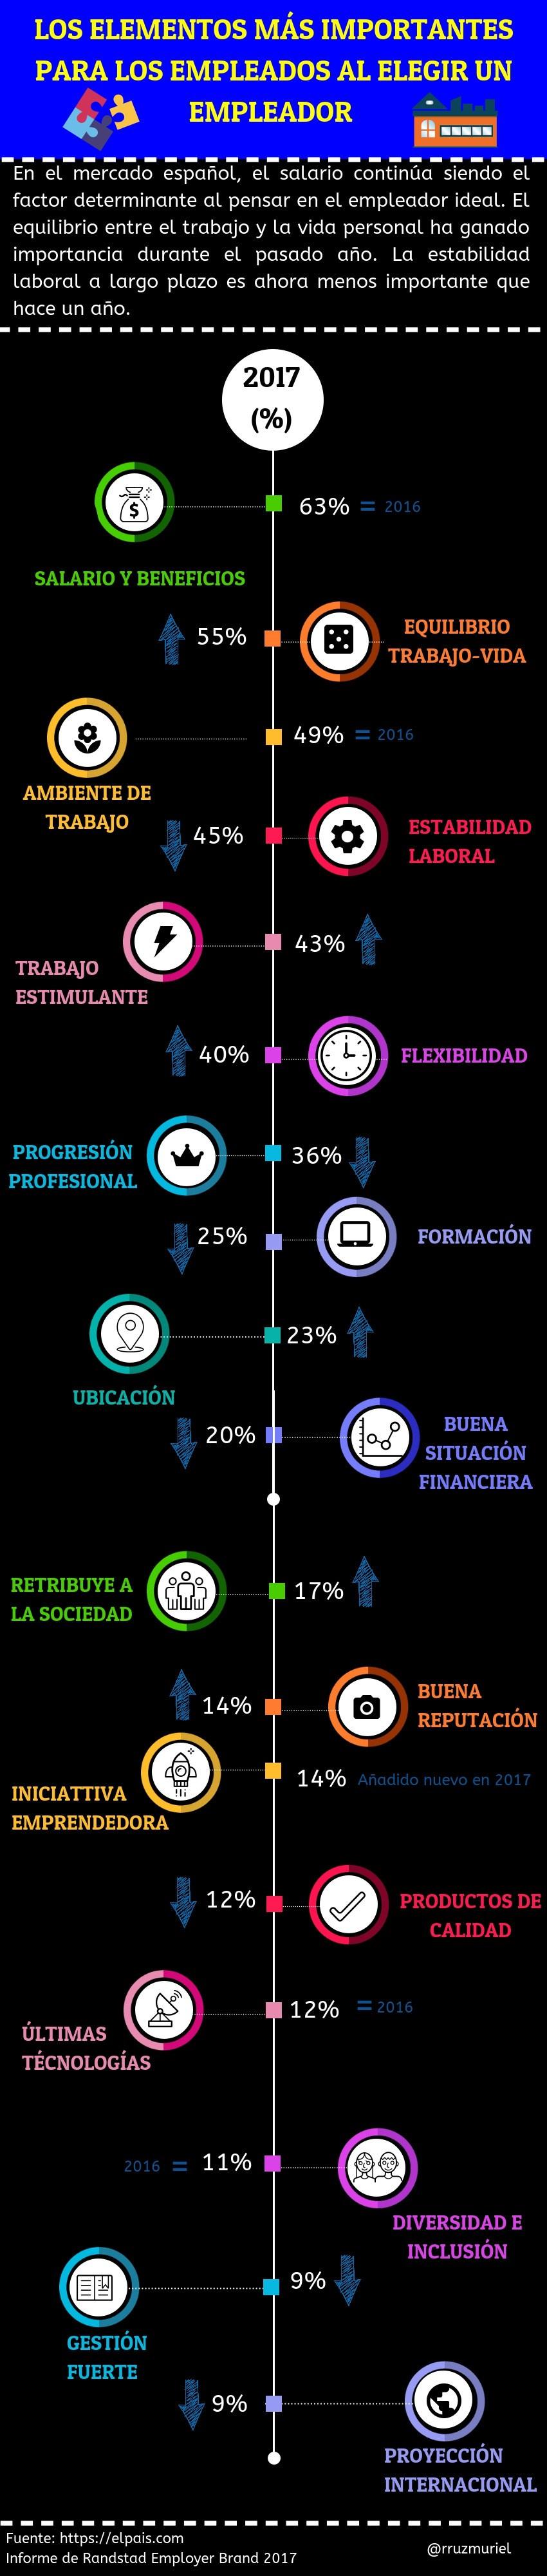 Los elementos más importantes para los empleados al elegir un empleador #infografia #empleo #rrhh